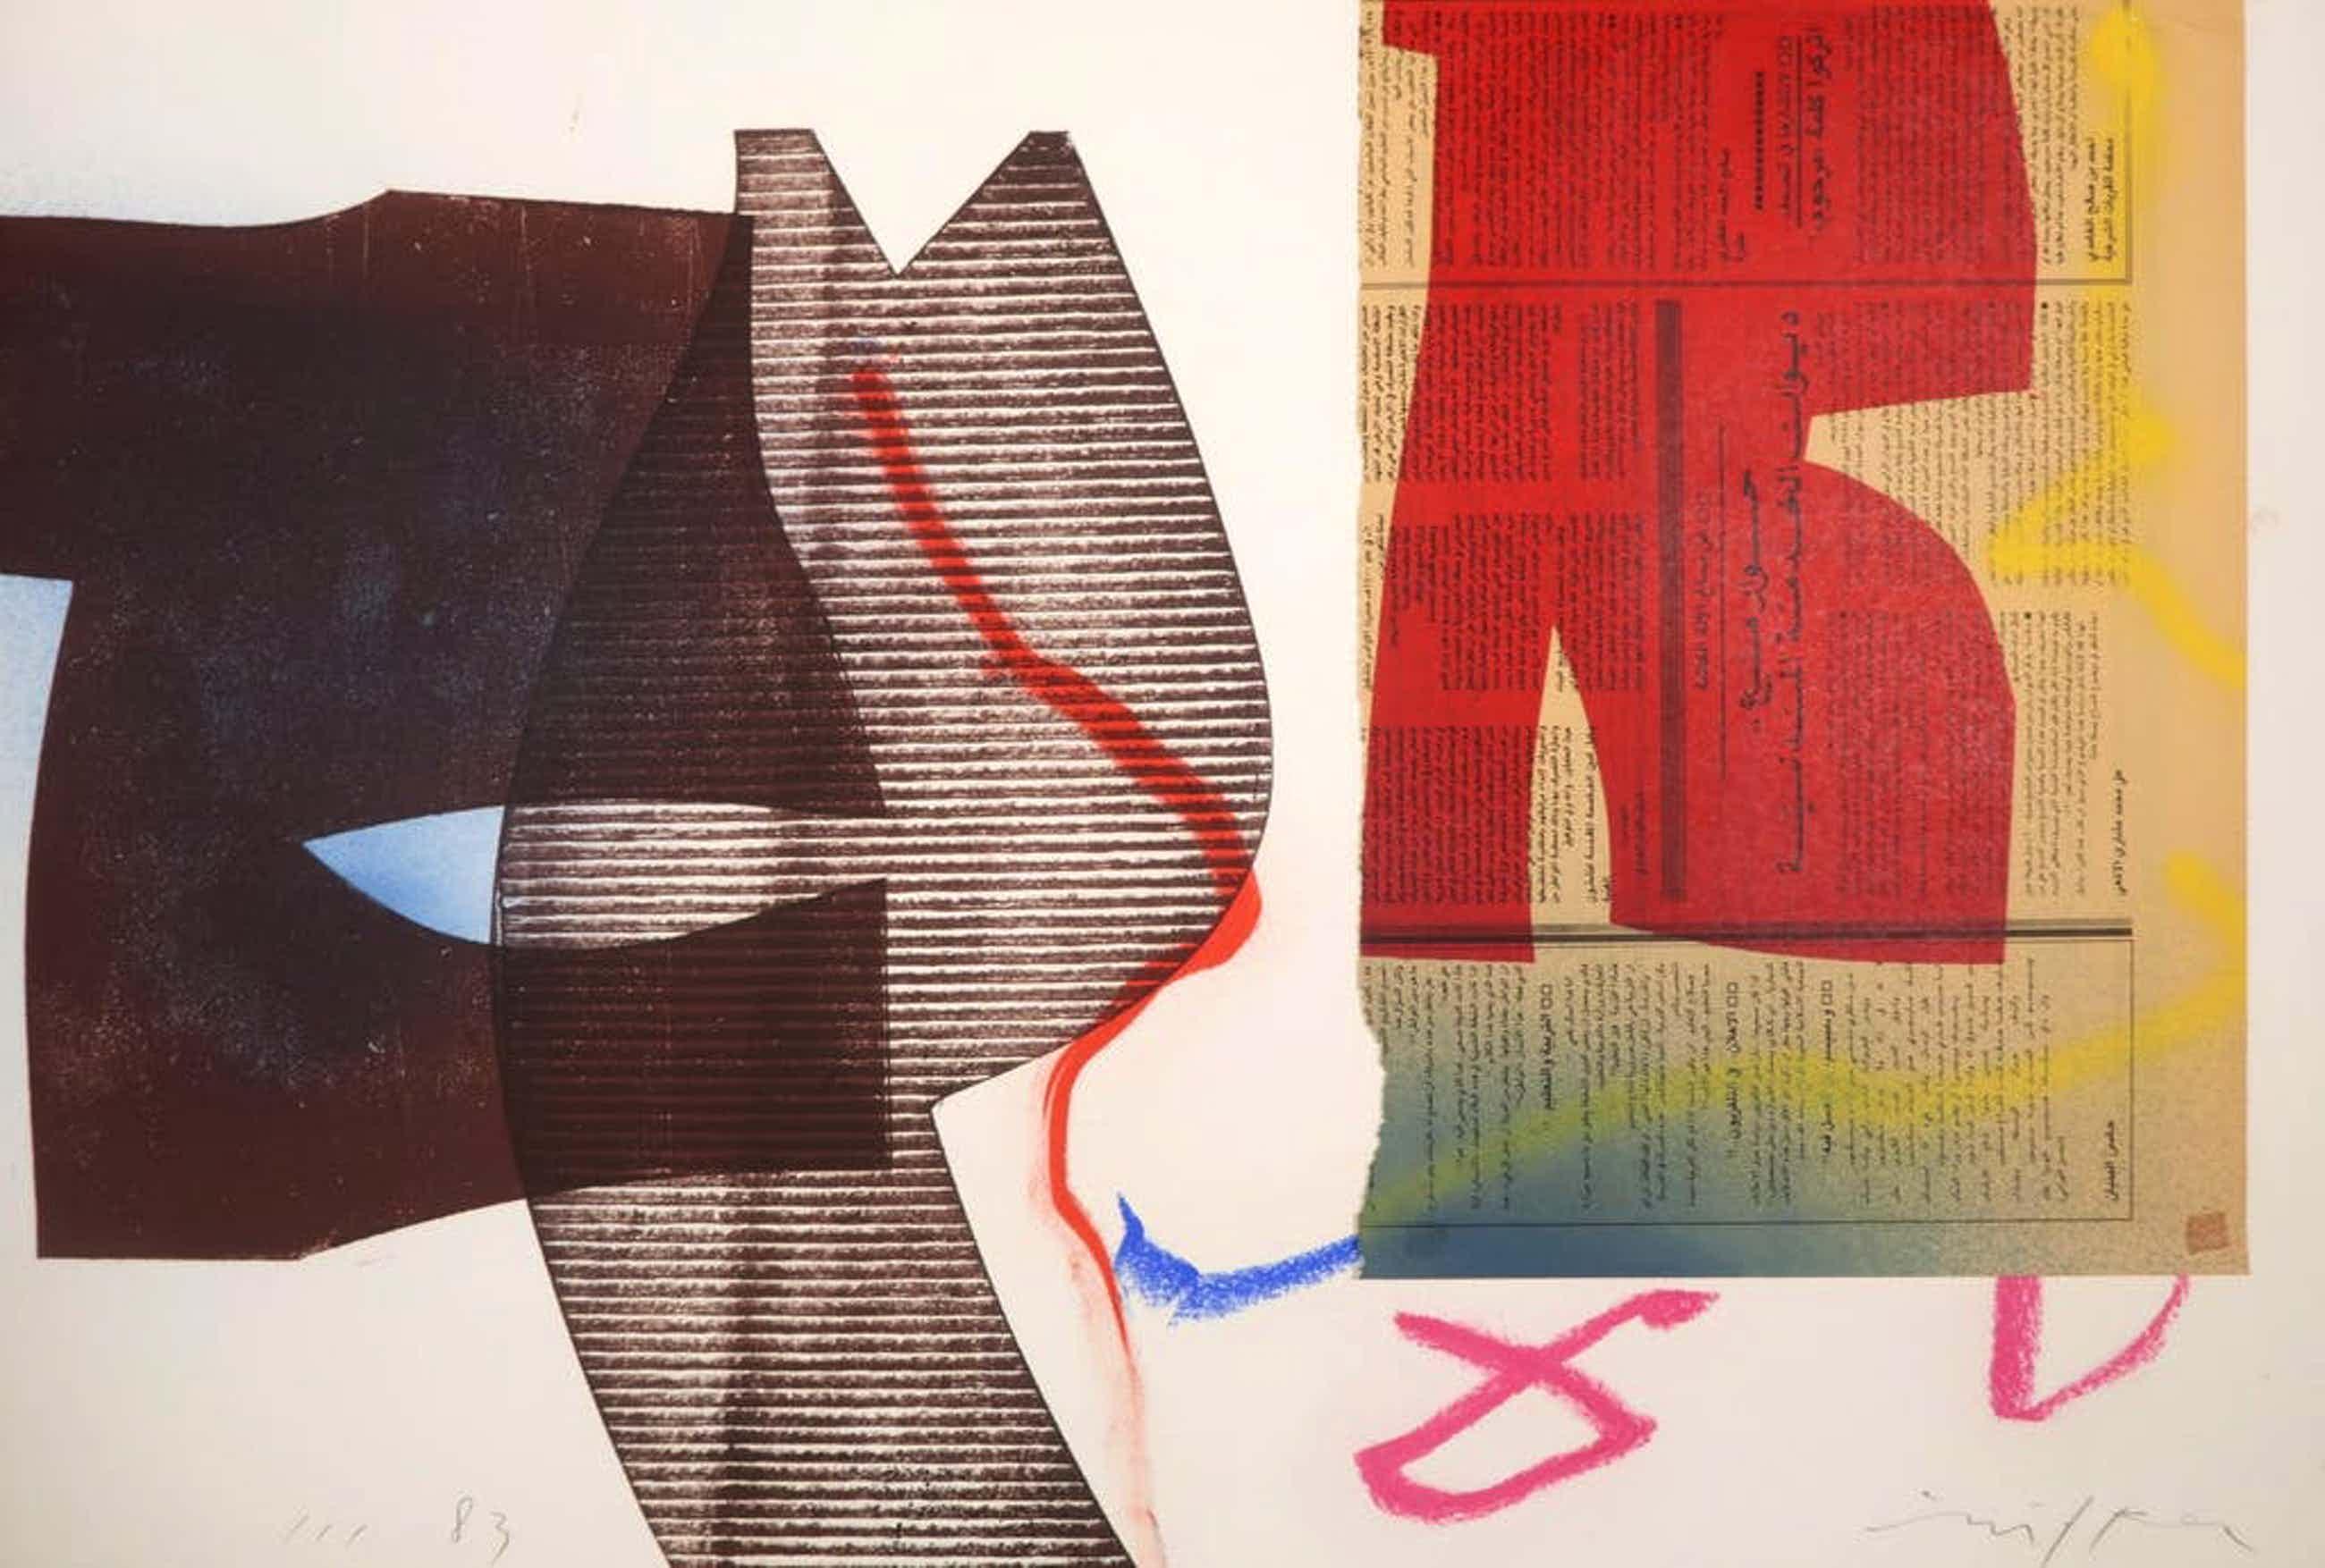 Willem Snitker - Willem Snitker: Gemengde techniek, Abstracte compositie kopen? Bied vanaf 55!